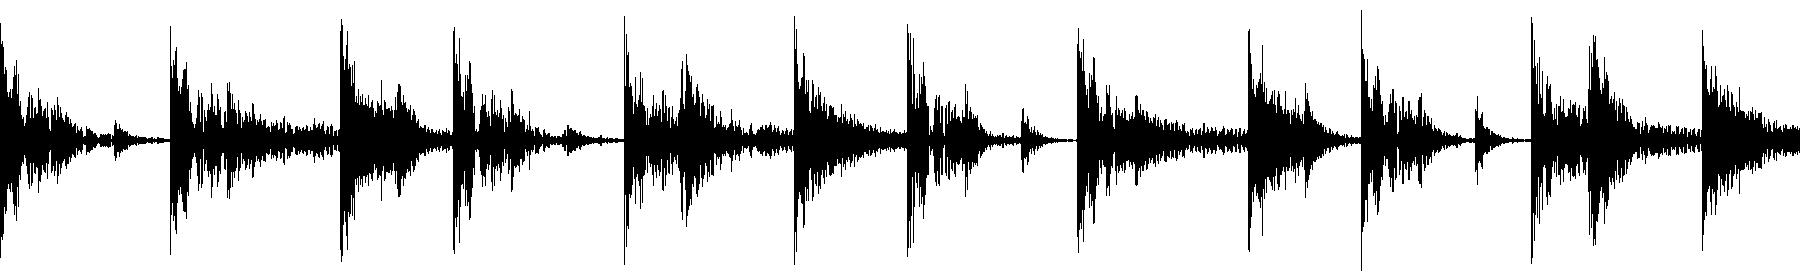 blbc electrodrums fx 110 02